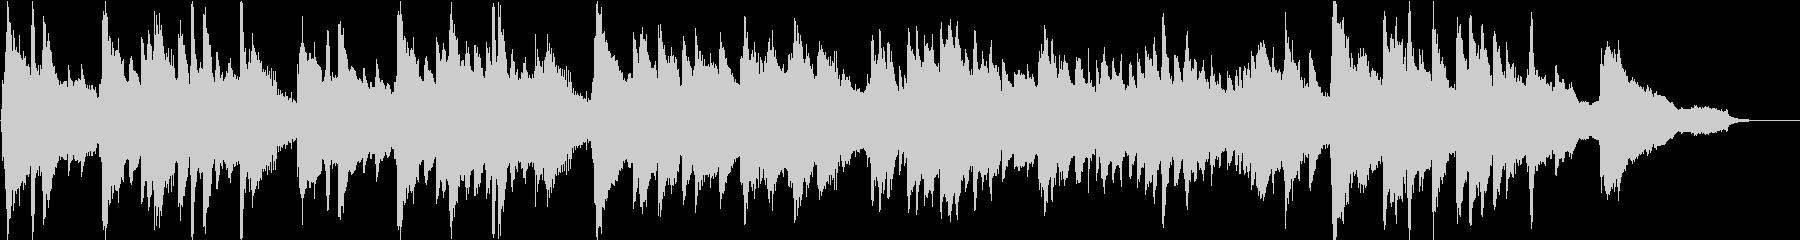 約1分。幻想的な雰囲気のピアノ楽曲の未再生の波形